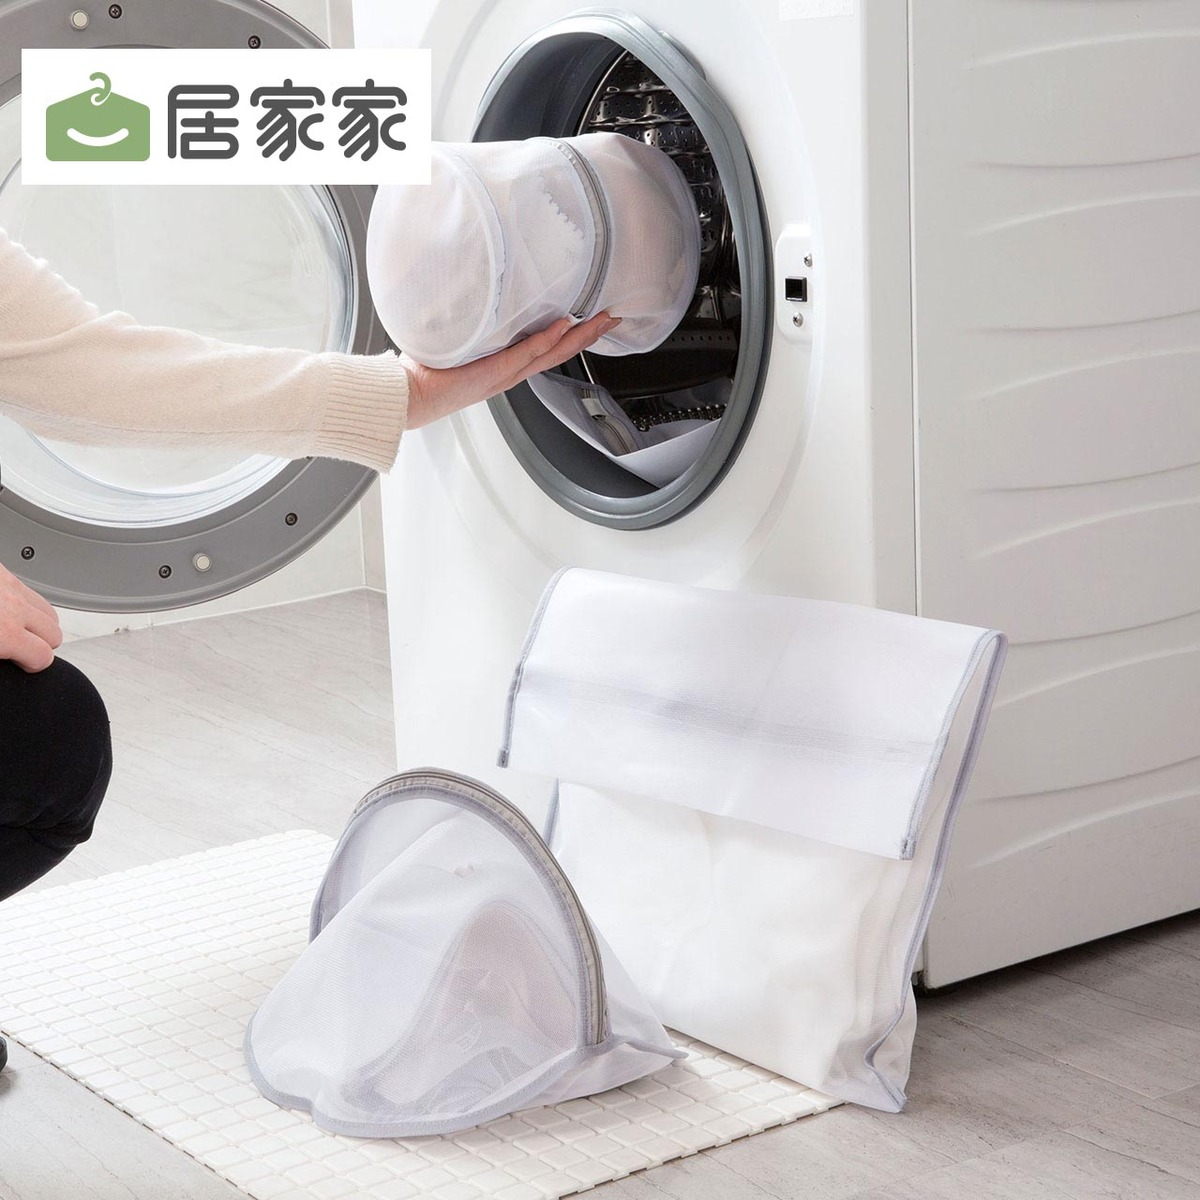 居家家洗衣机洗衣袋细网护洗袋5件套 洗衣服洗护袋大号网袋内衣袋